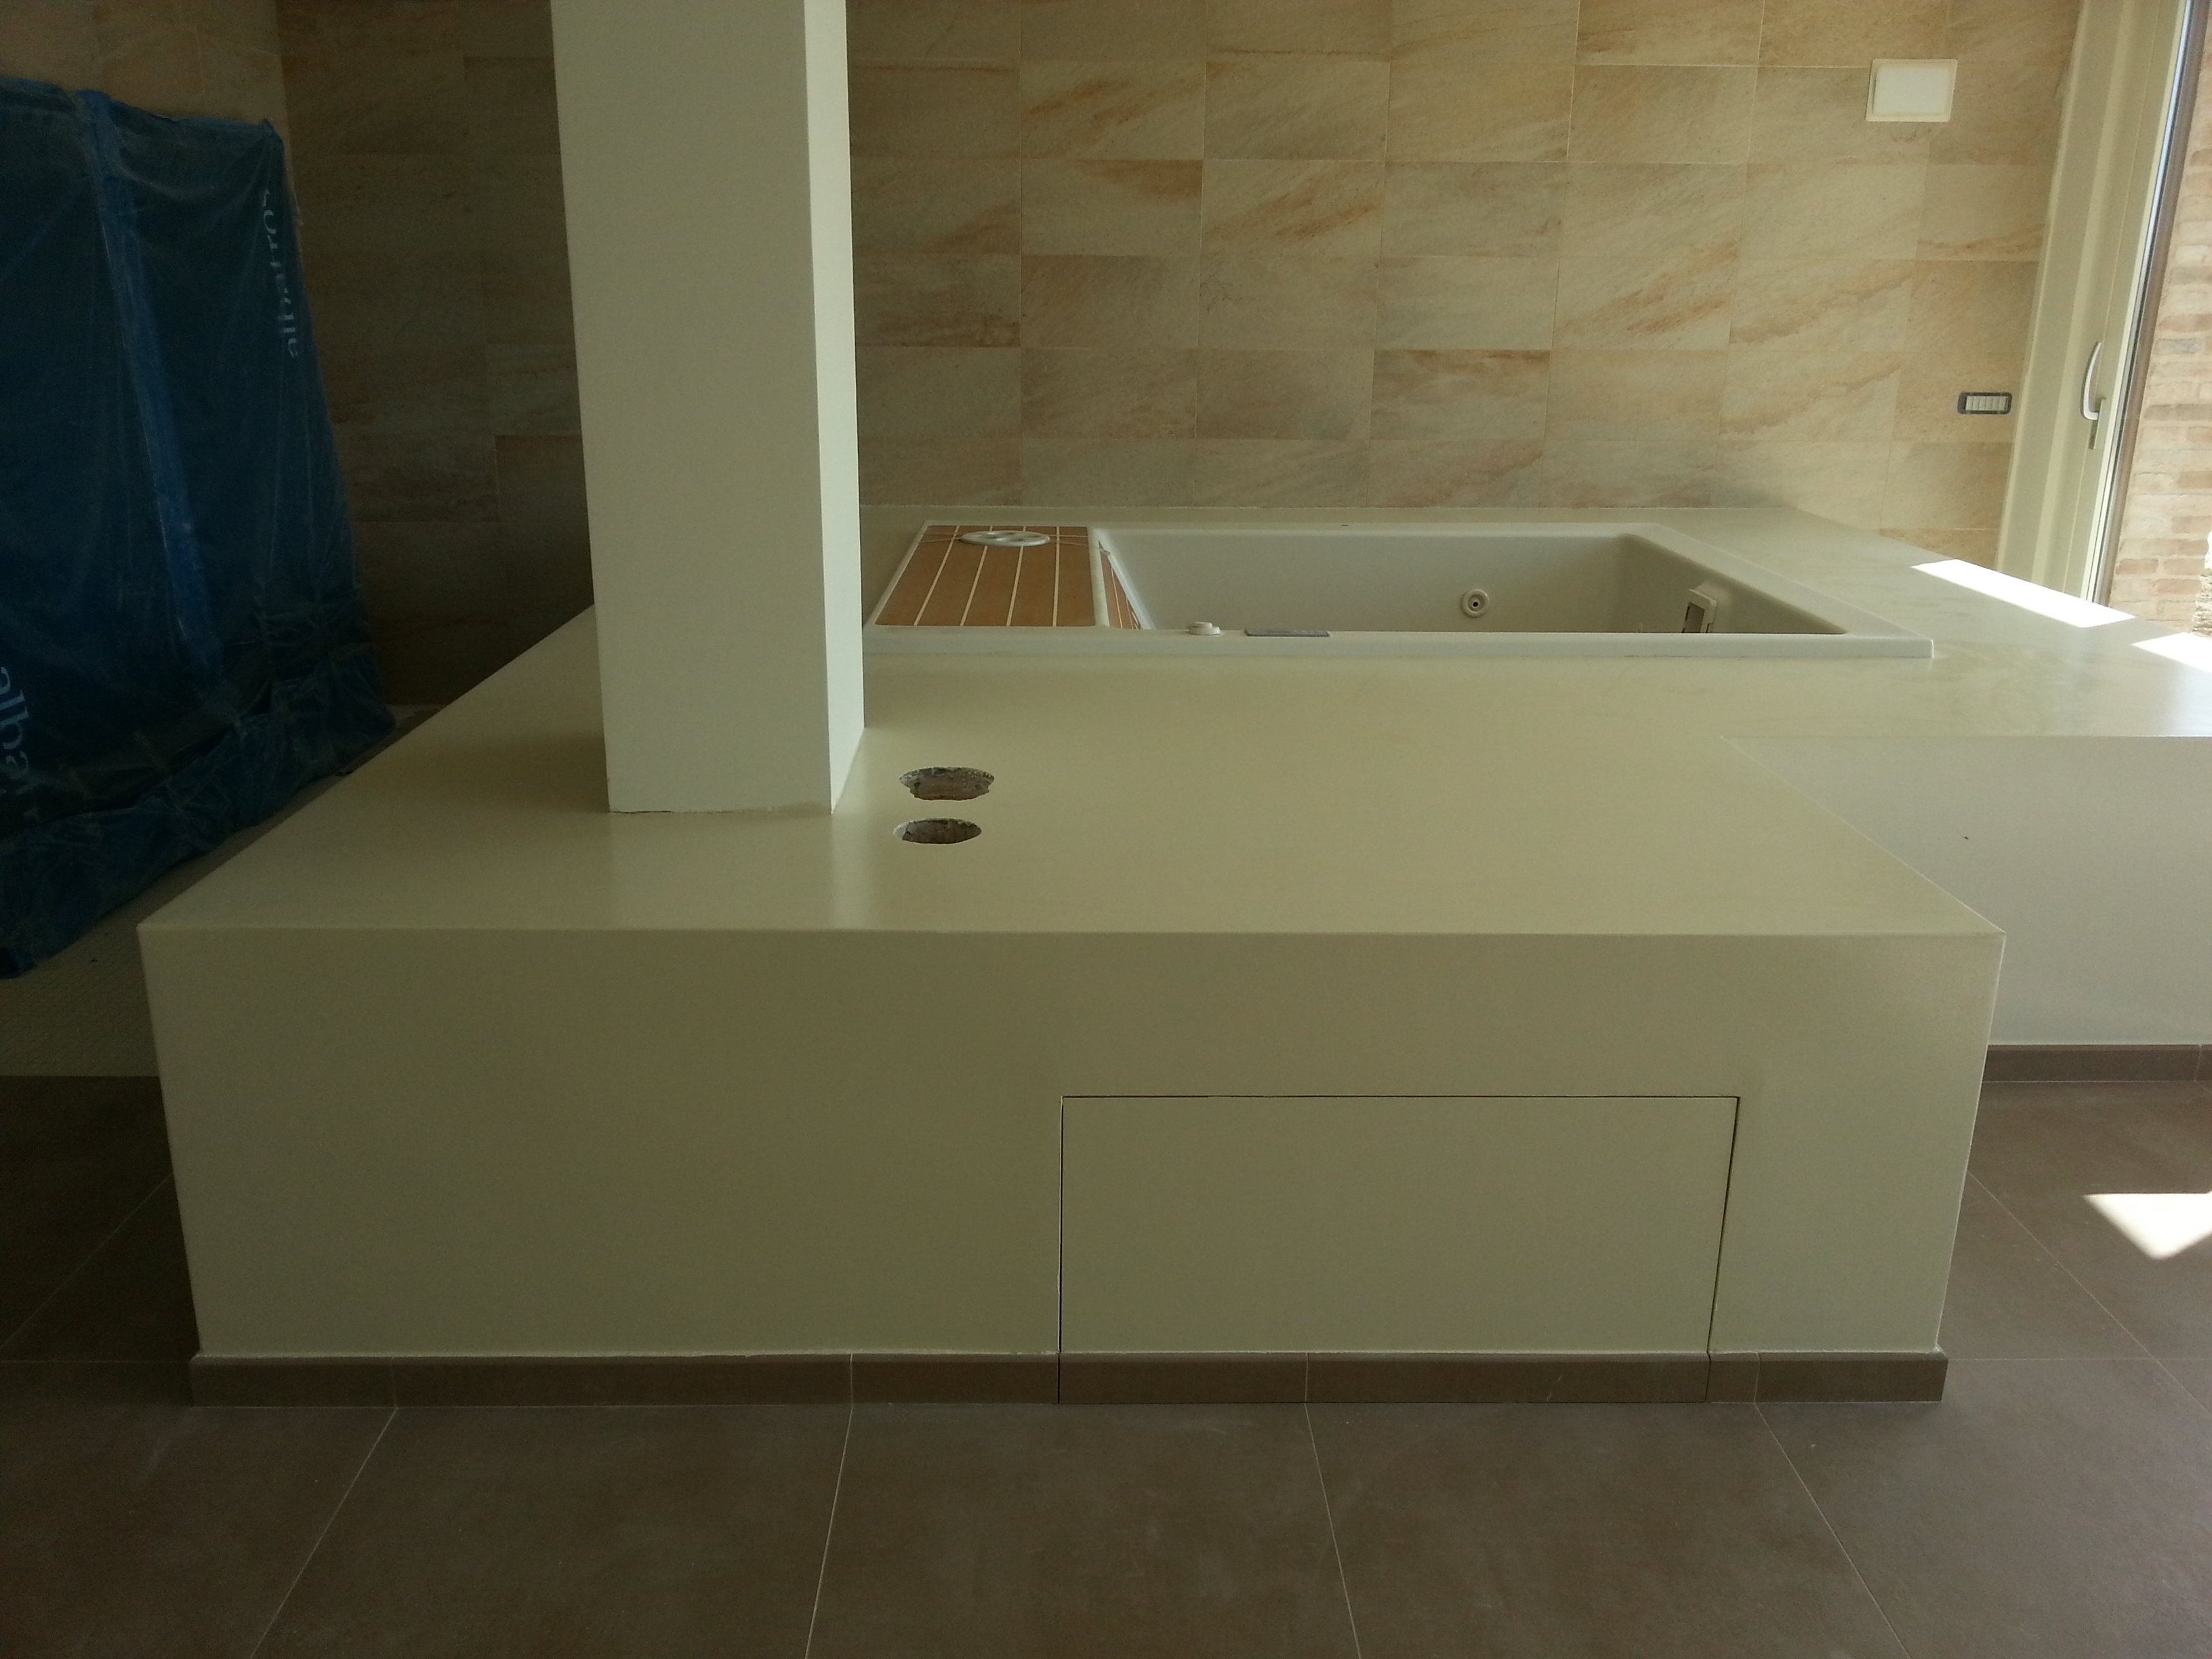 Rivestimenti bagno prezzi al mq piastrelle cucina prezzi al mq top leroy merlin piastrelle - Pavimenti bagno prezzi ...